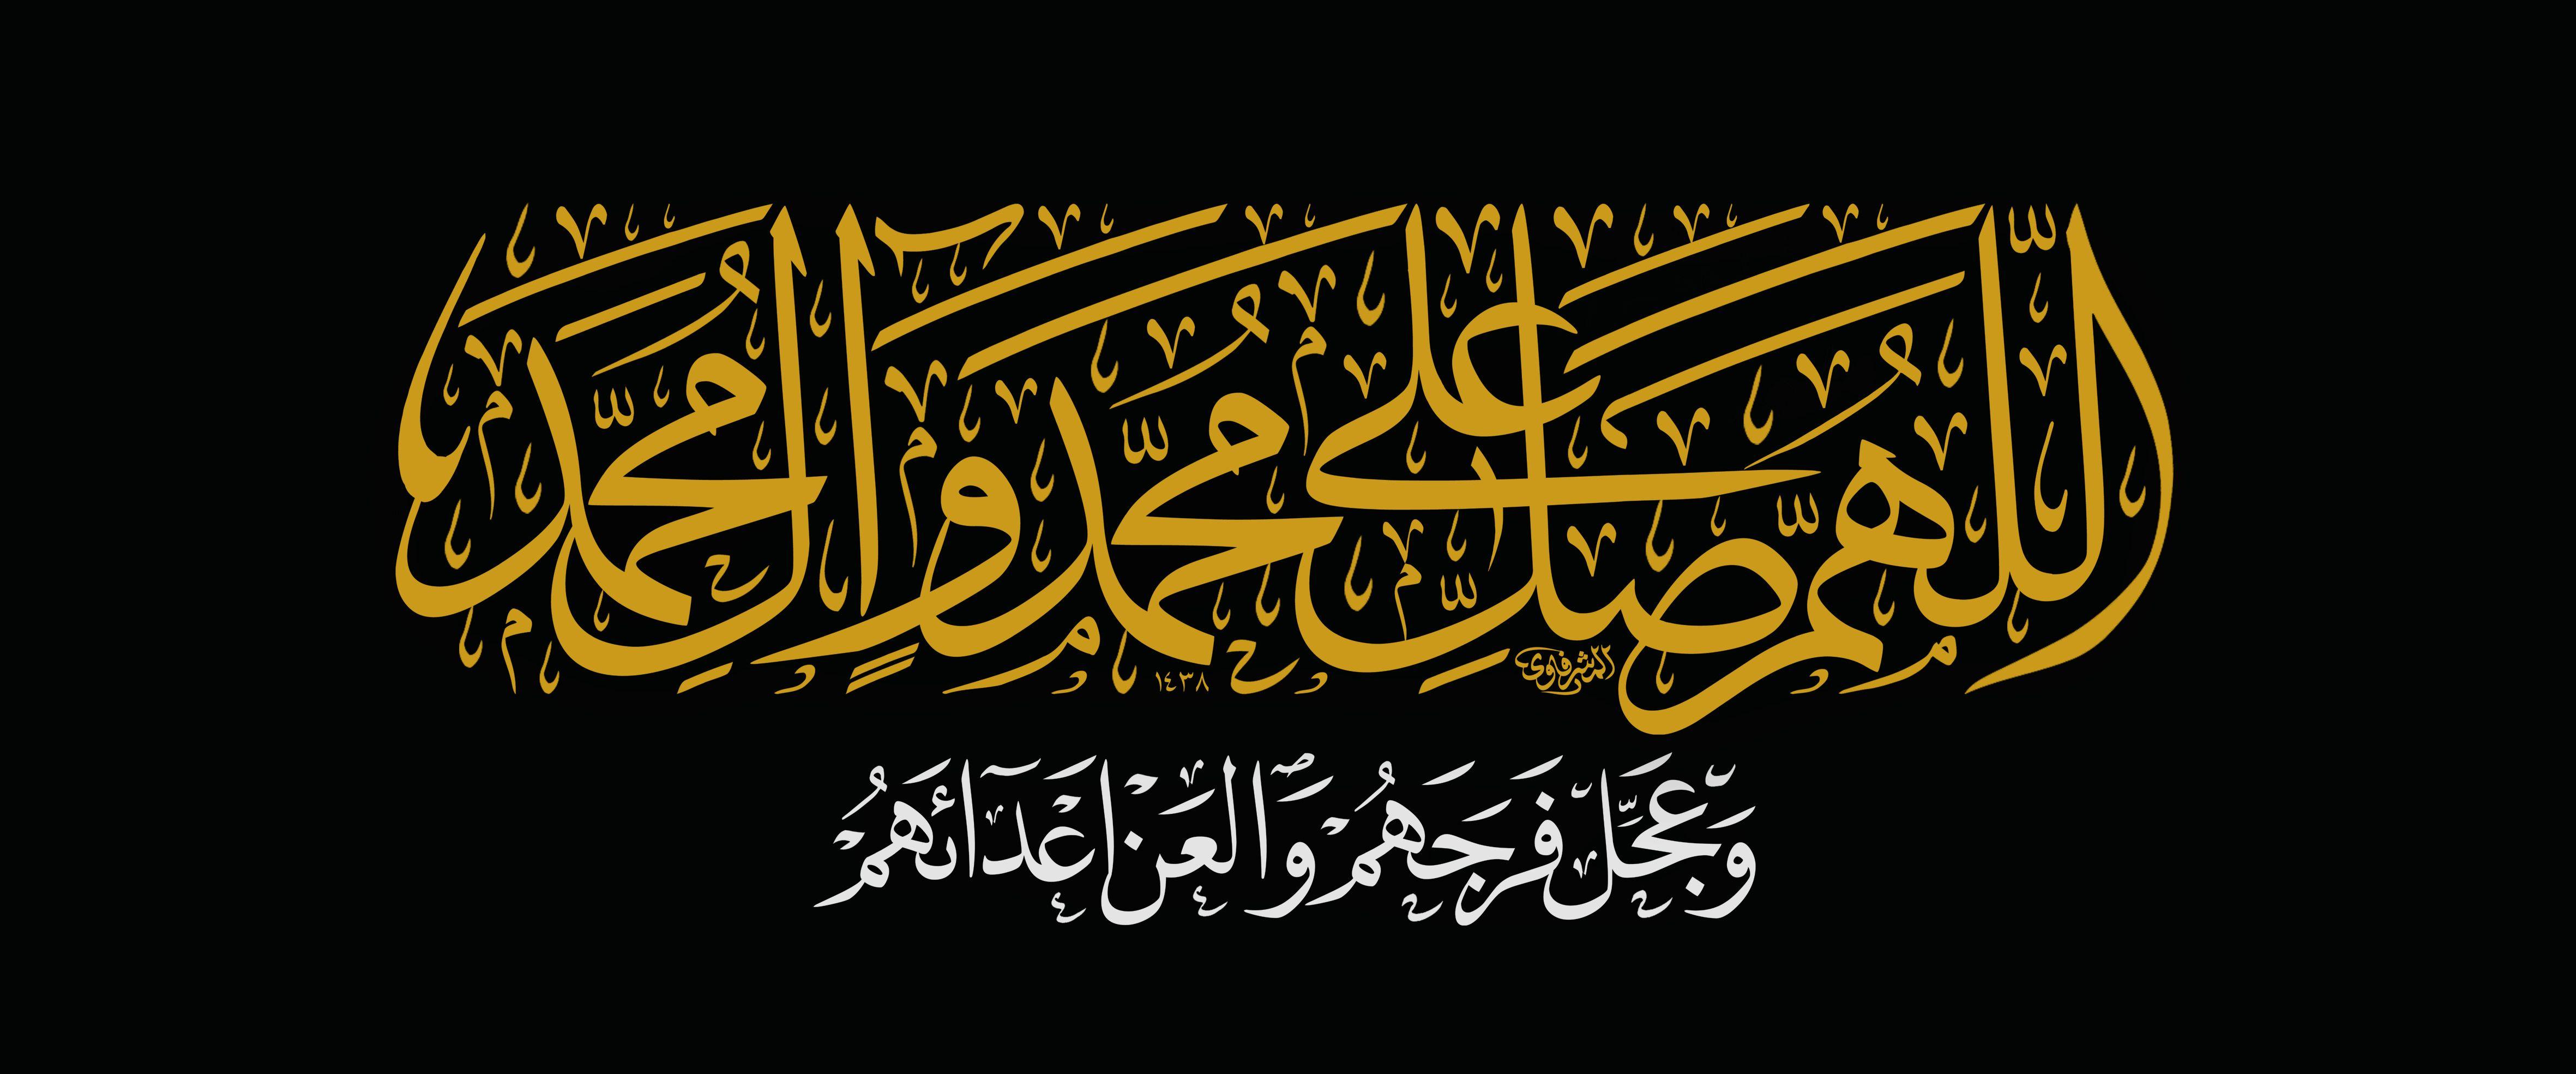 اللهم صل على محمد وآل محمد Png 3 5